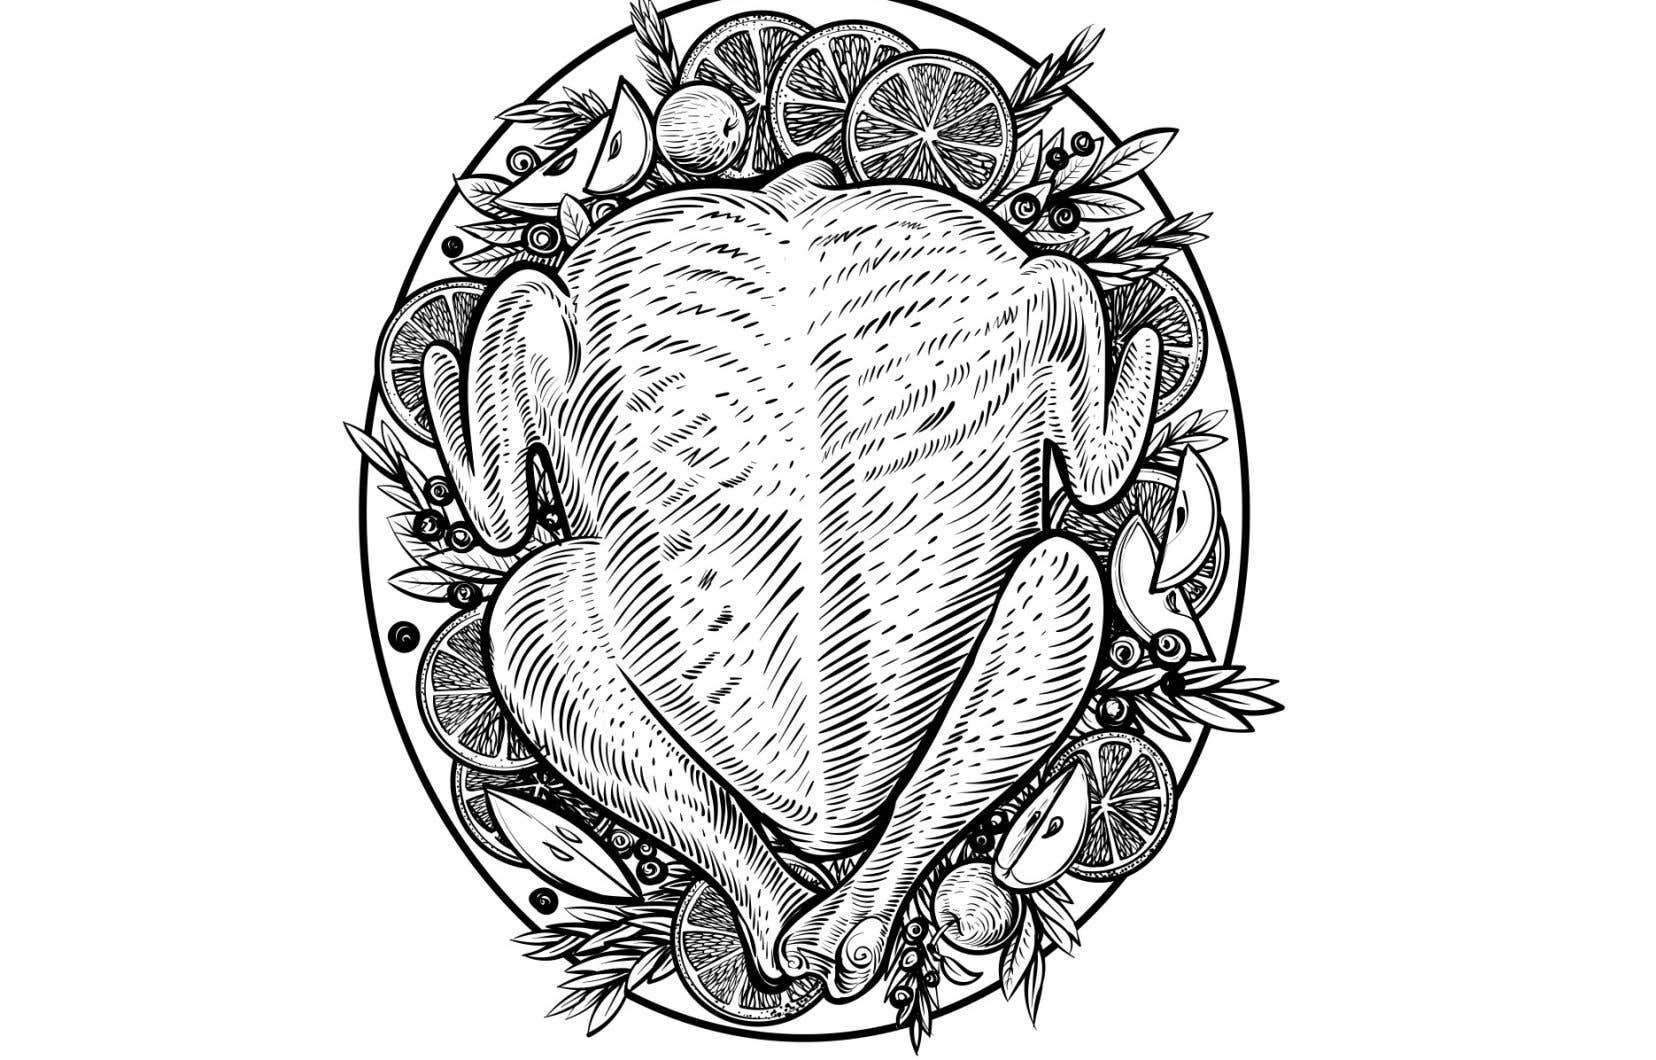 La recette peut être adaptée pour un dindon entier, en respectant le temps de cuisson de 20 minutes par livre et en augmentant les quantités en fonction du poids de l'oiseau.